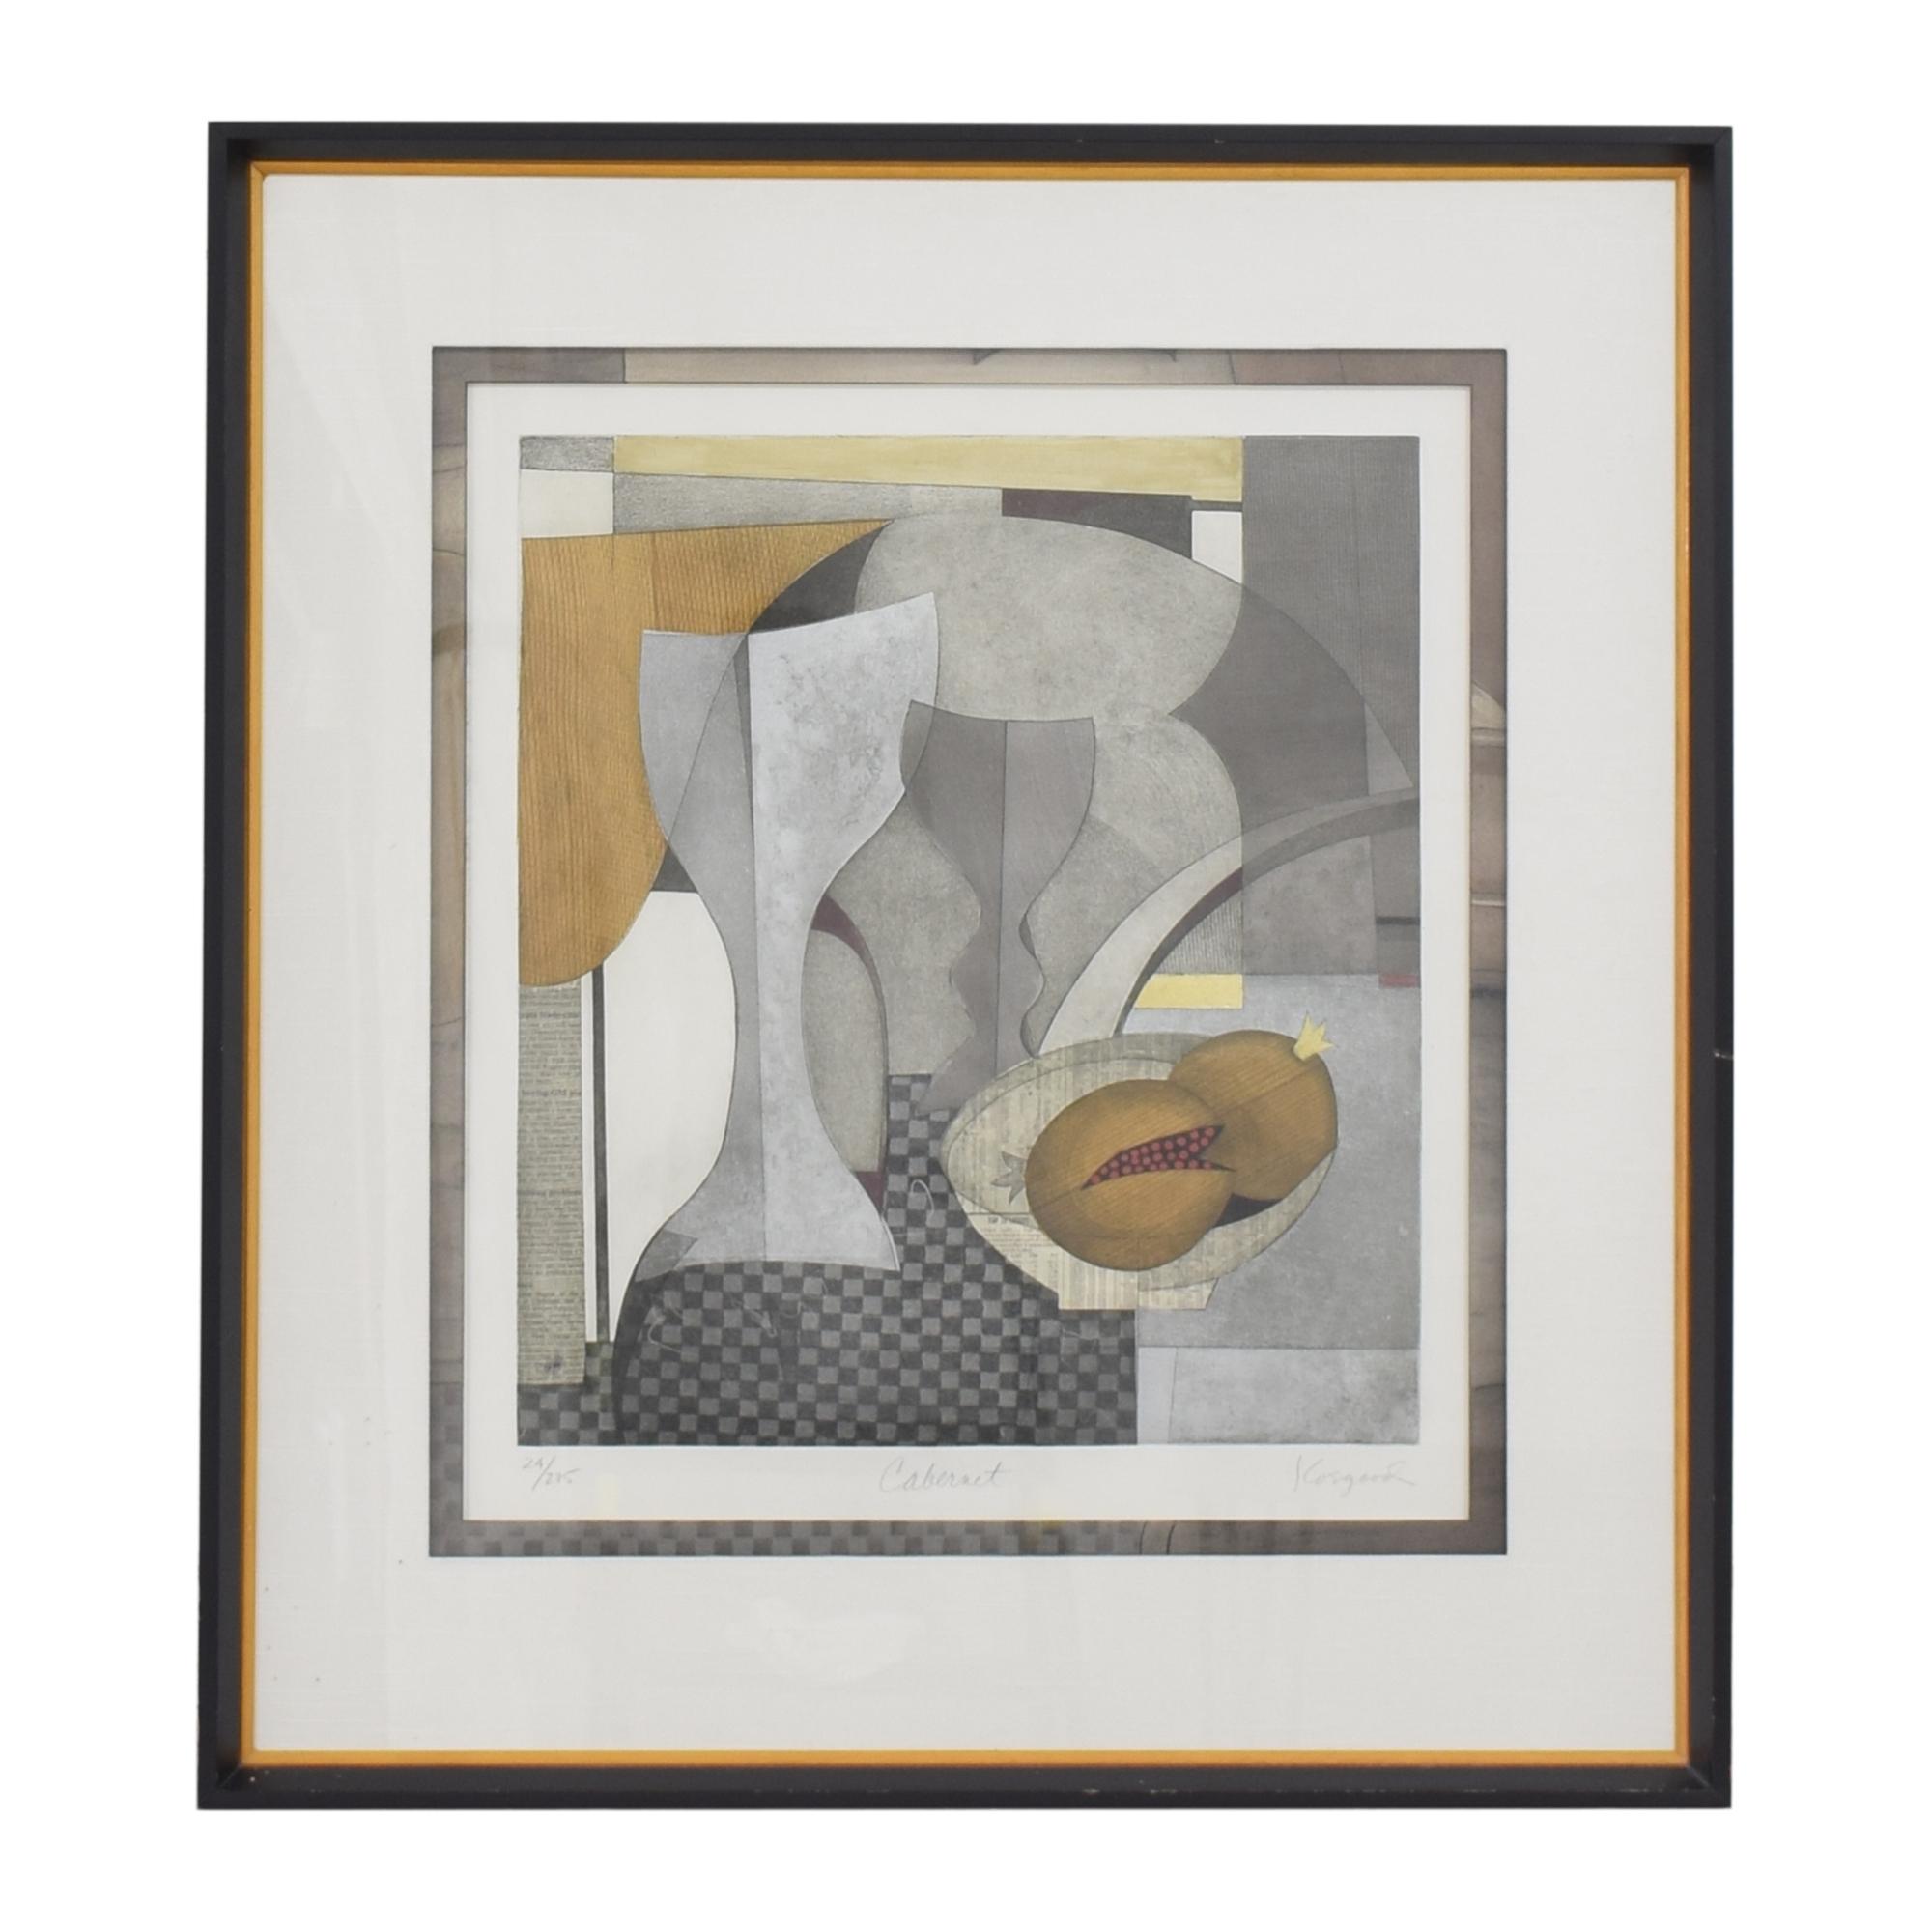 Ethan Allen Ethan Allen Framed Wall Art Wall Art